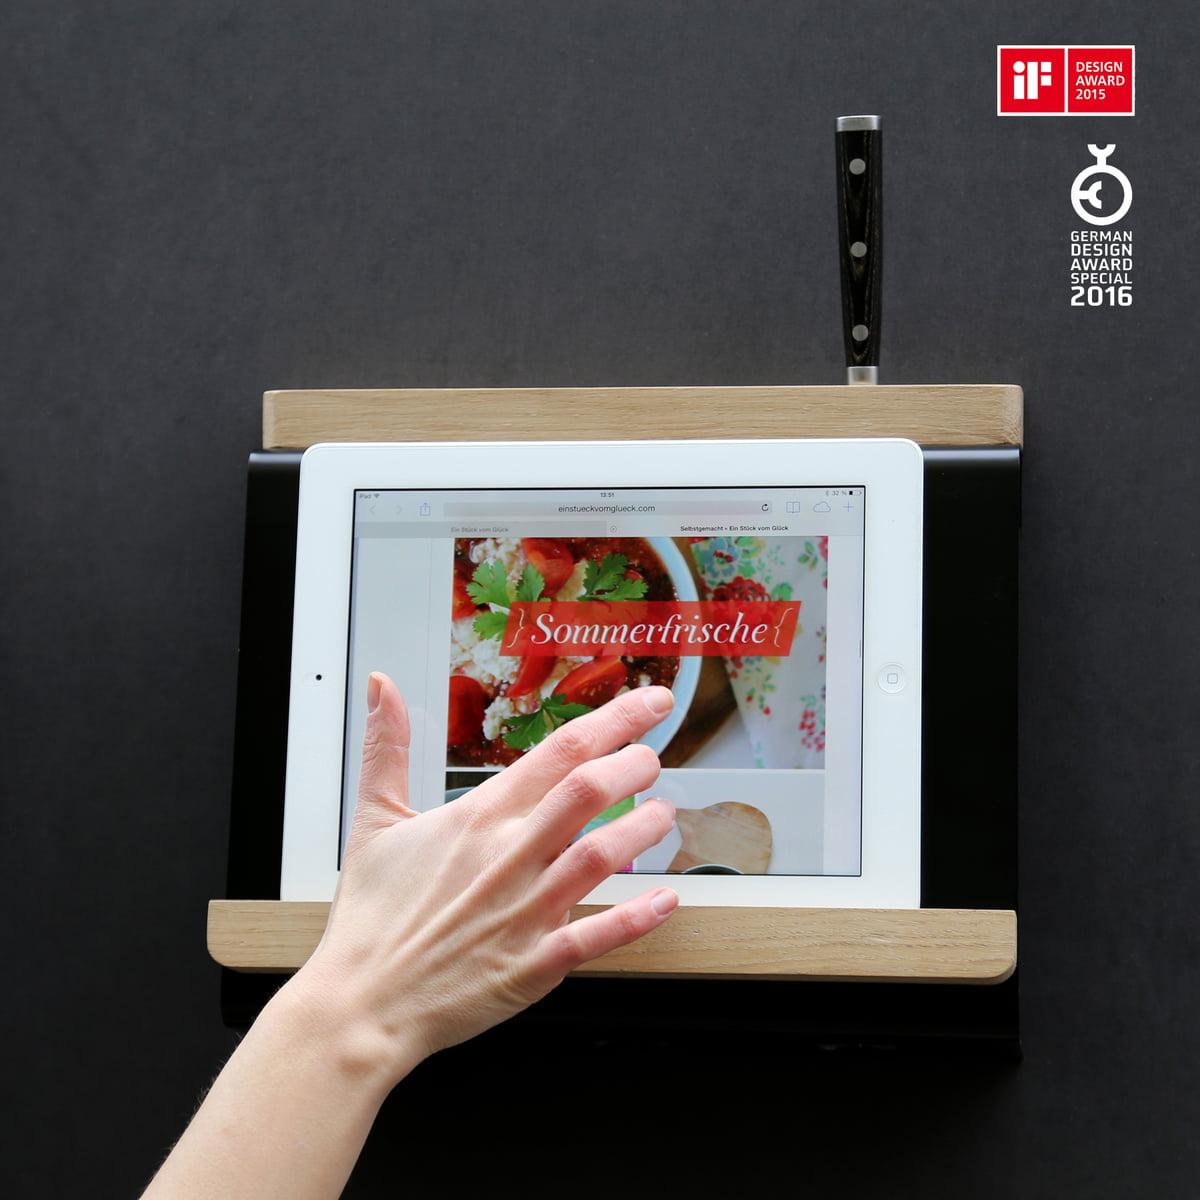 Möbel. Atemberaubend Tablet Halterung Küche Entwurf Ideen. Download Image  750 X 1000. Ipad Halterung Küche | Bnbnews.co